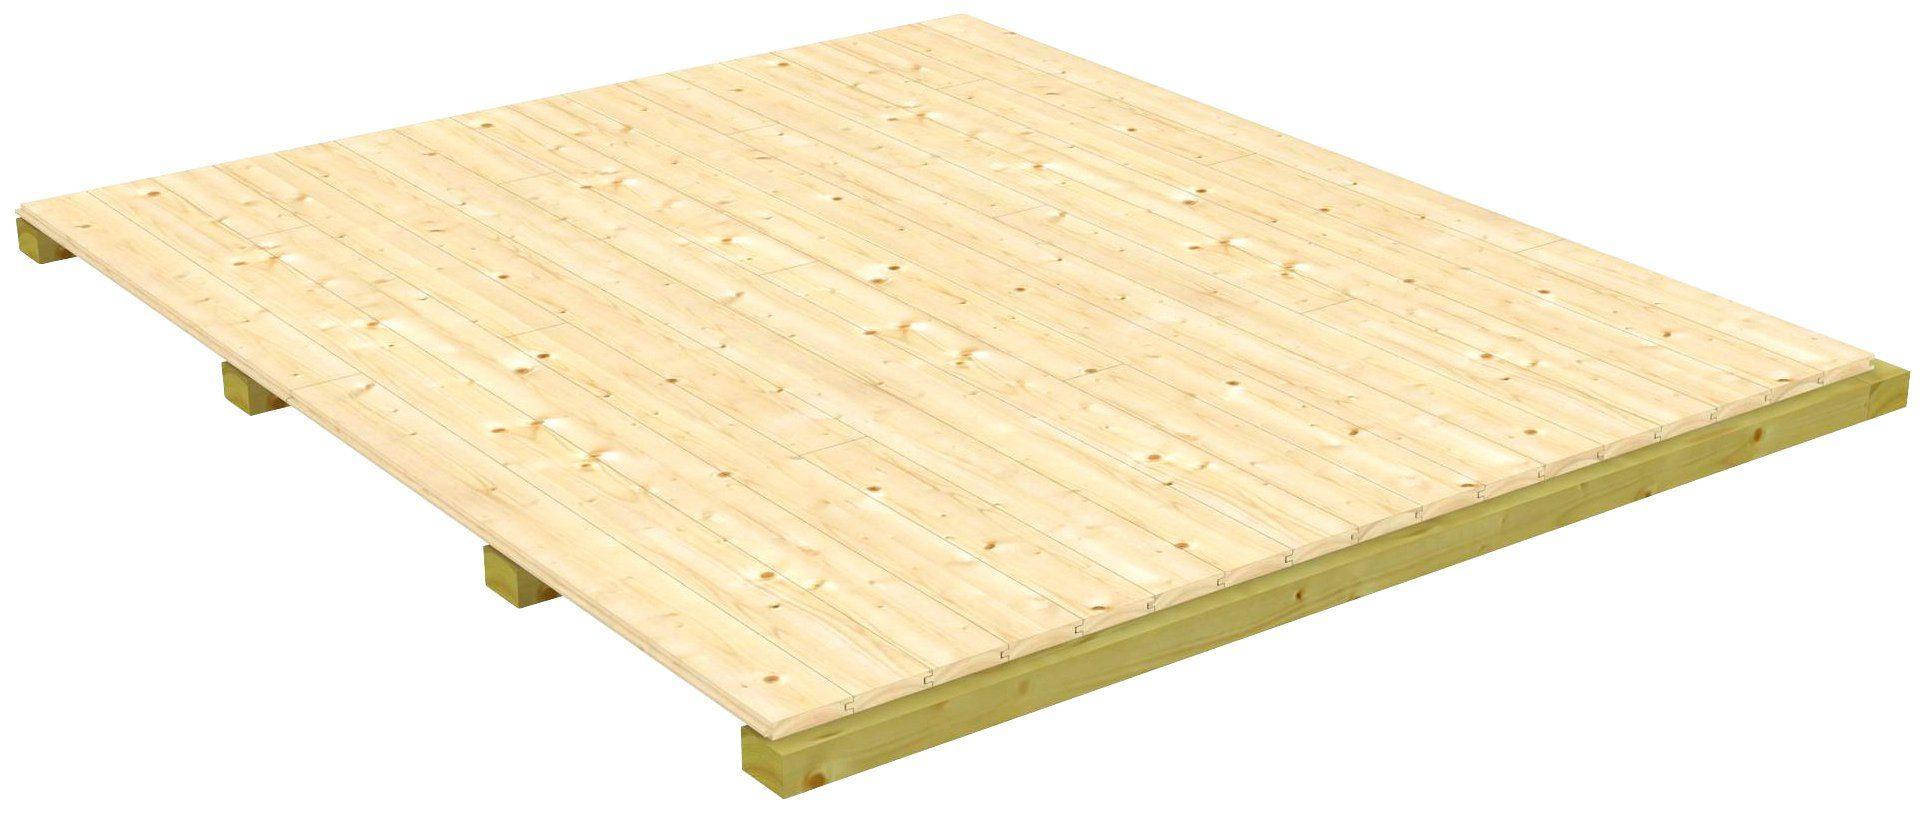 Fußboden für Gartenhäuser »Udo 300«, BxT: 477x297 cm